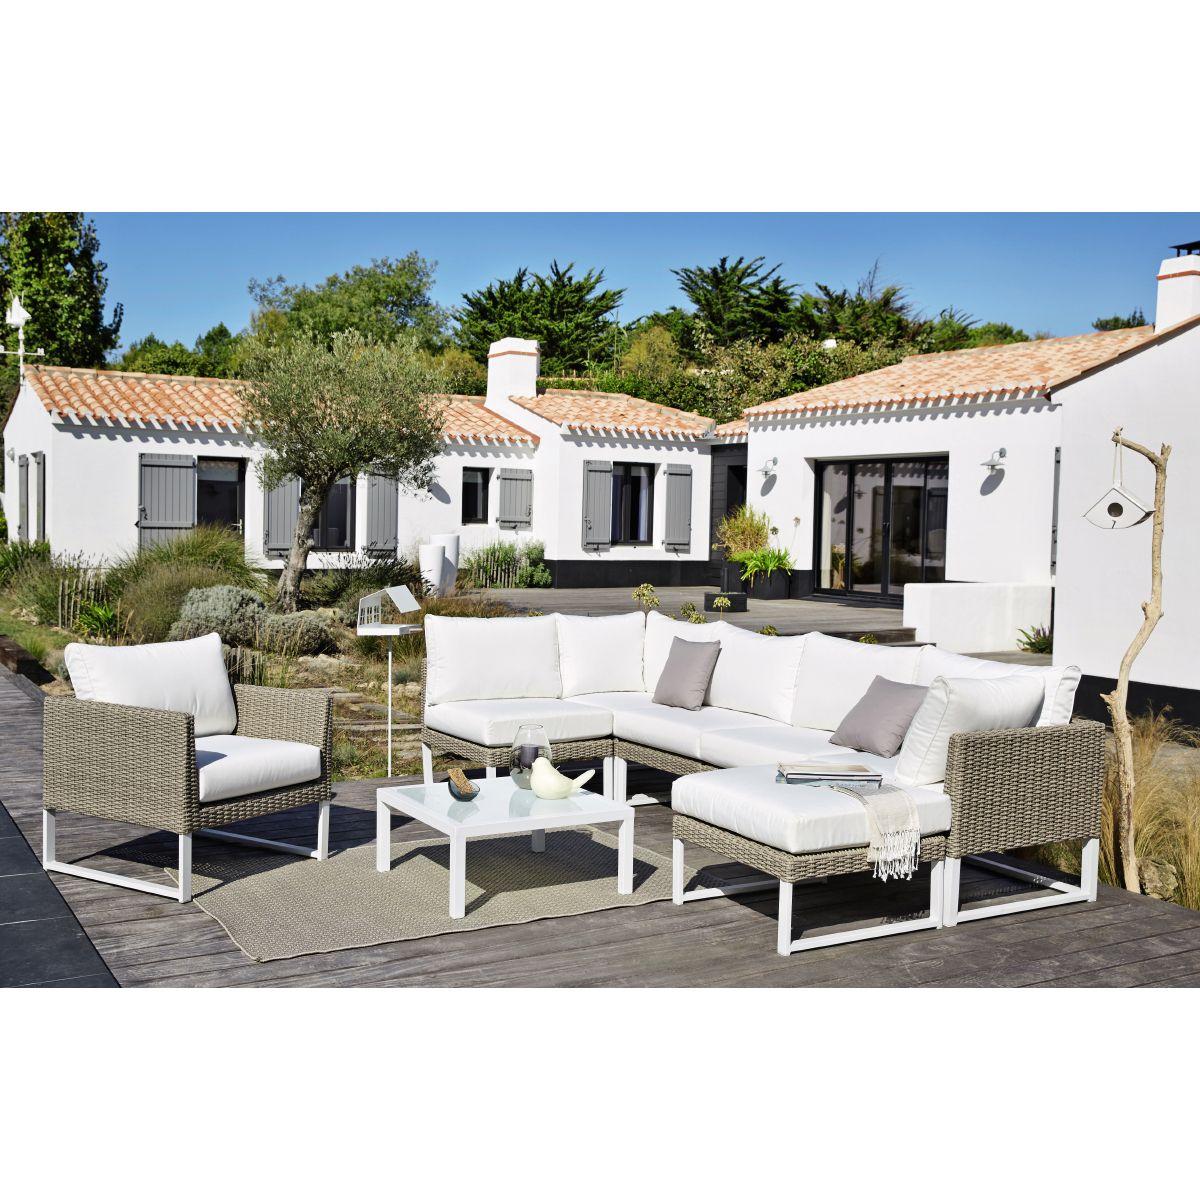 D couvrez la collection mobilier d coration de jardin 2016 maisons du monde dans le catalogue - Catalogue mobilier de jardin ...